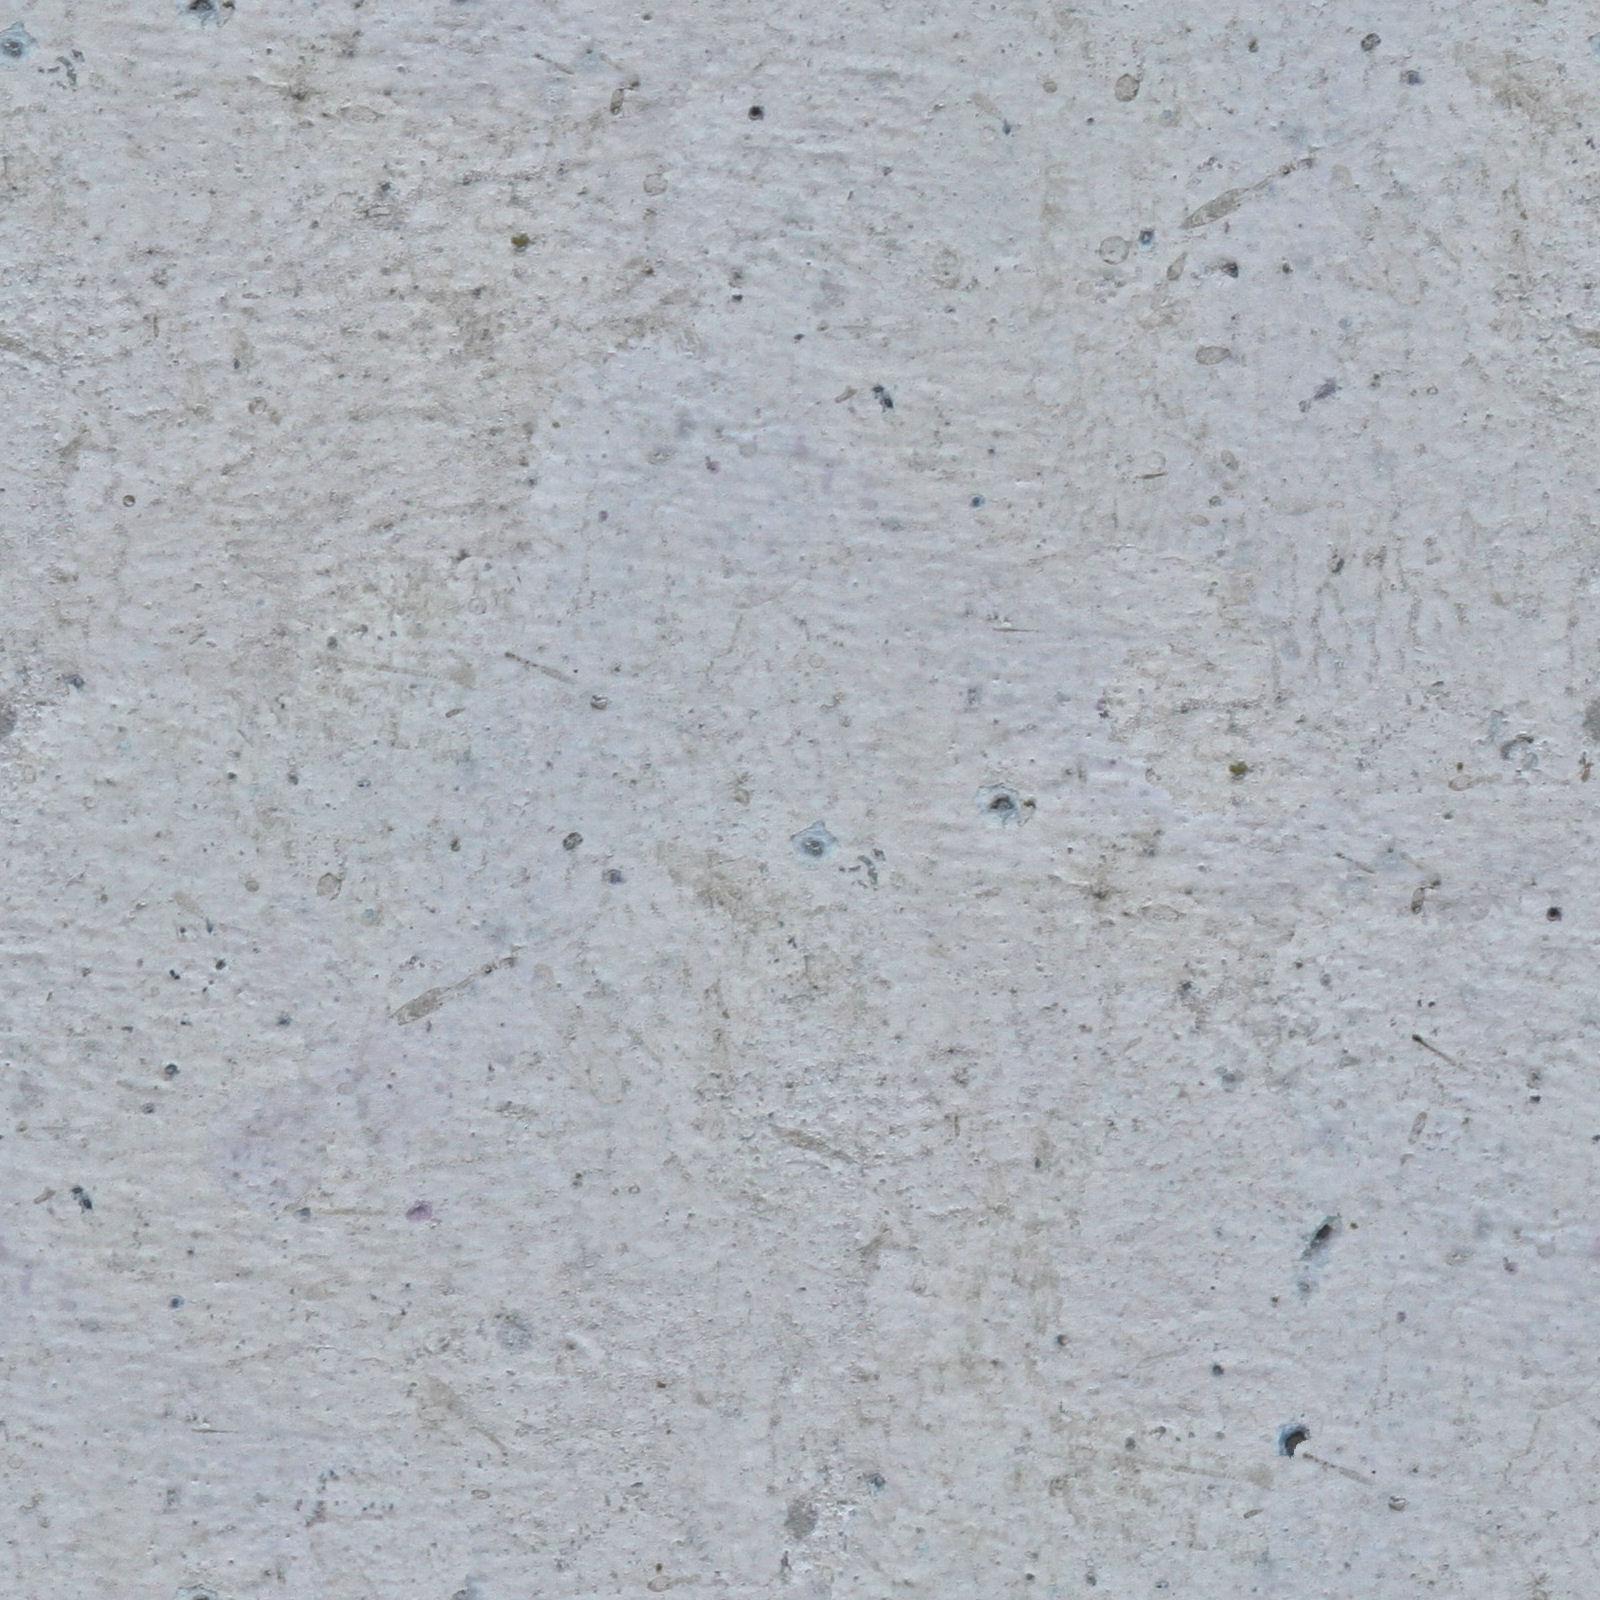 High Resolution Seamless Textures June 2013